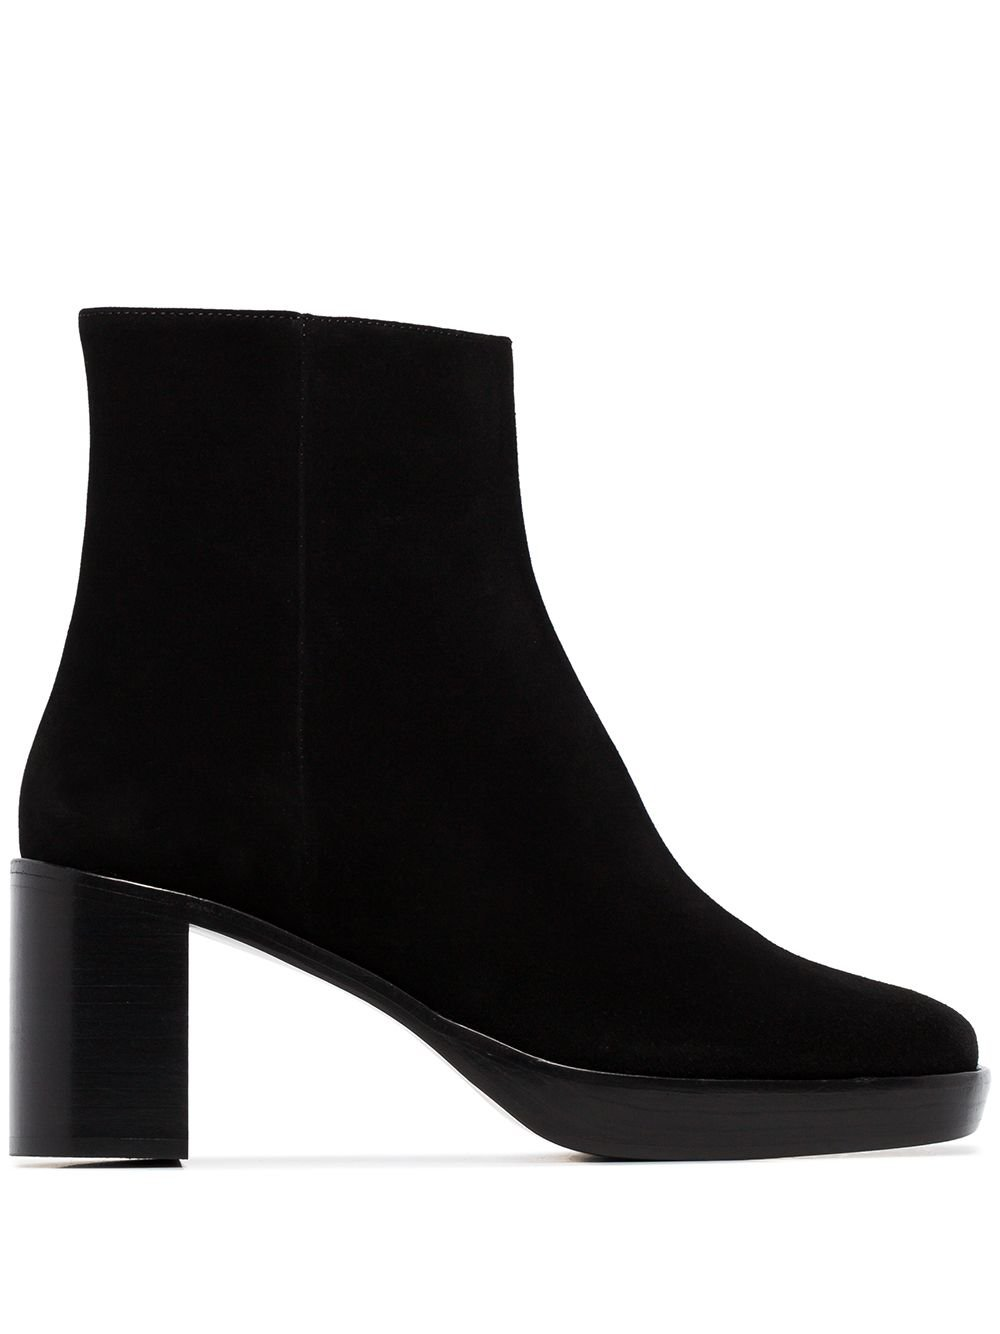 BY FAR Ellen 70mm Ankle Boots - Farfetch